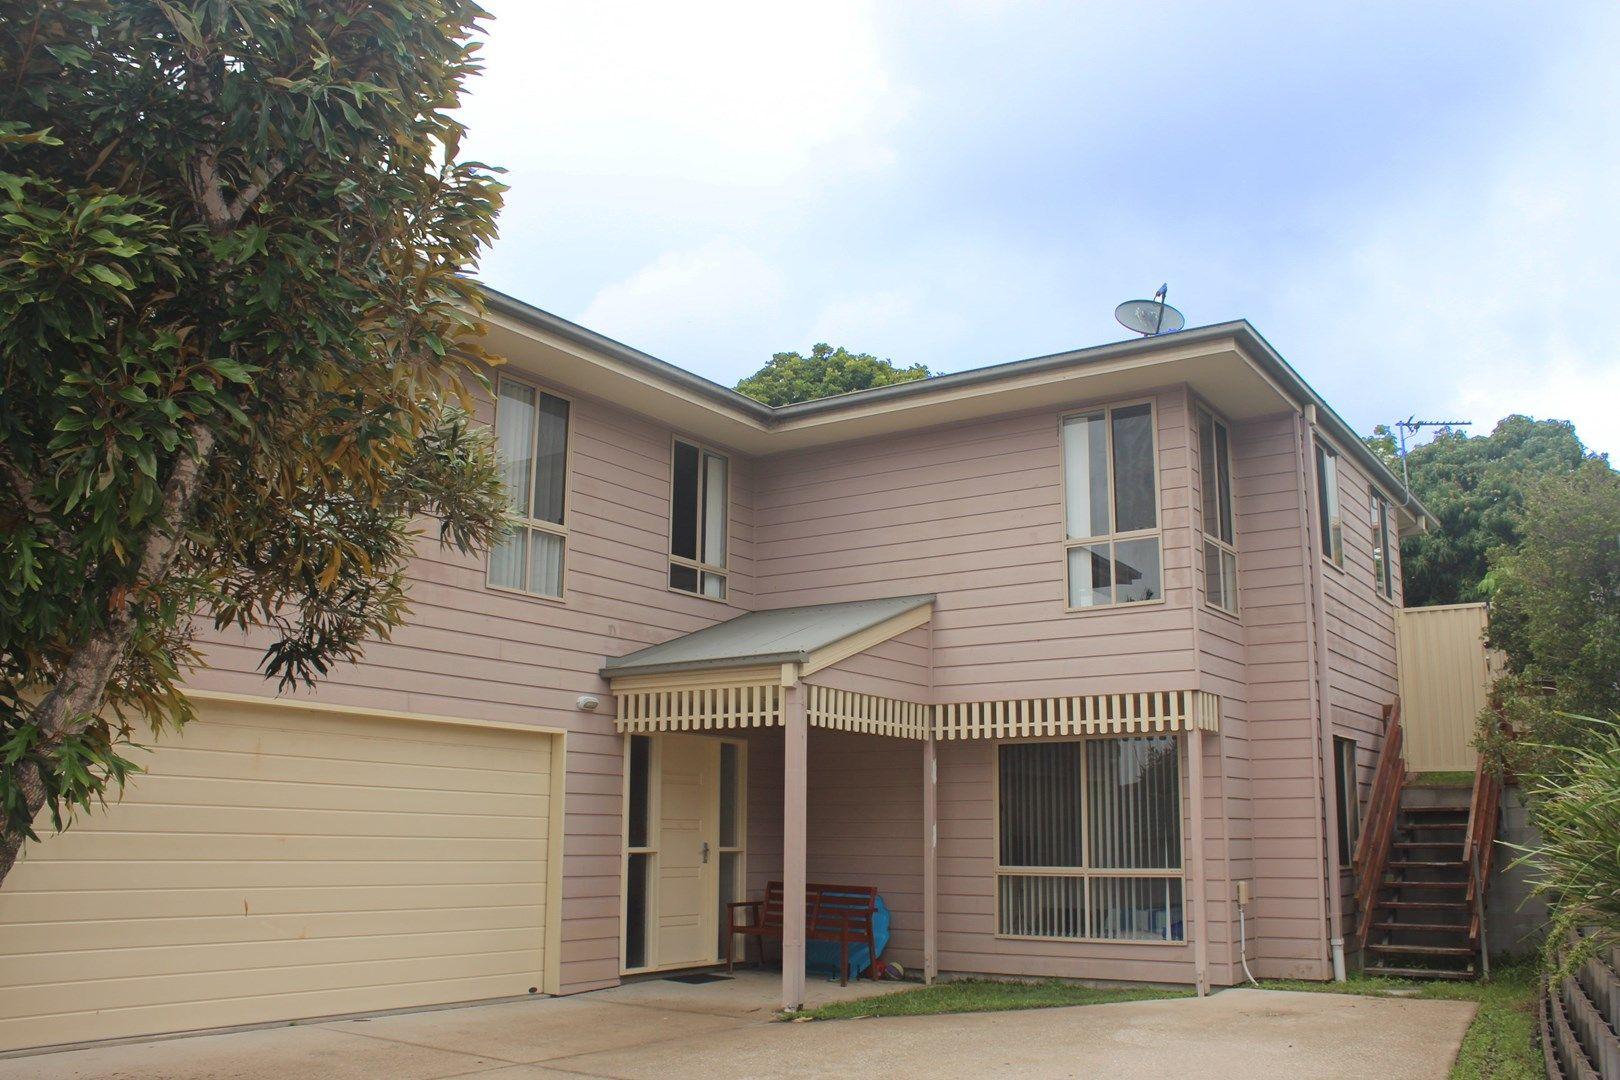 2/20 Orlando Crt, Highland Park QLD 4211, Image 0